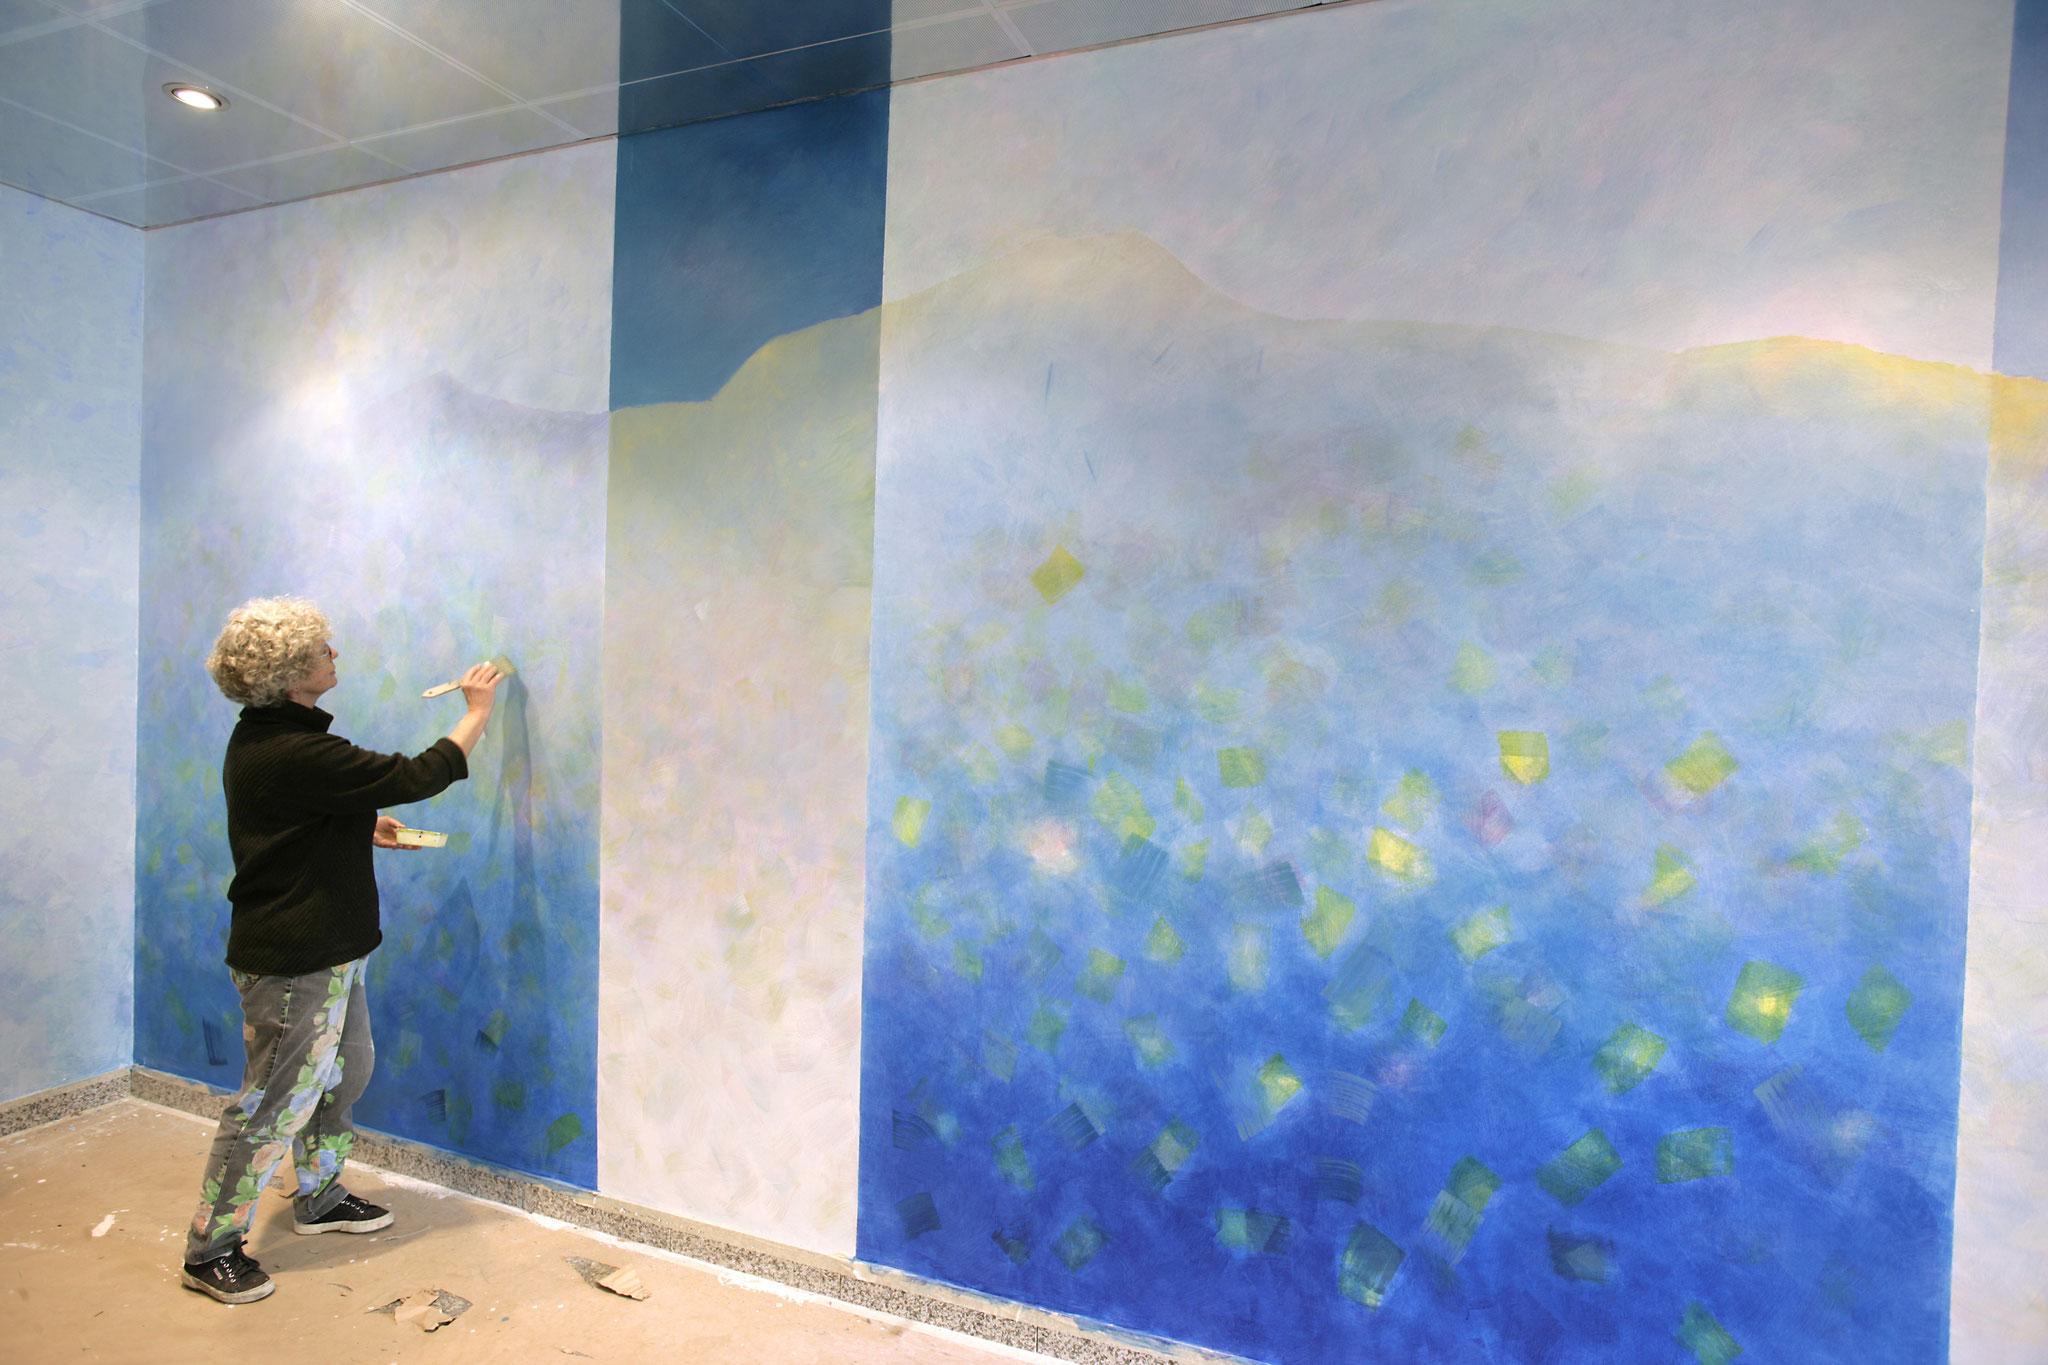 bei der Arbeit an der Wand im städtischen Klinikum Ludwigshafen.